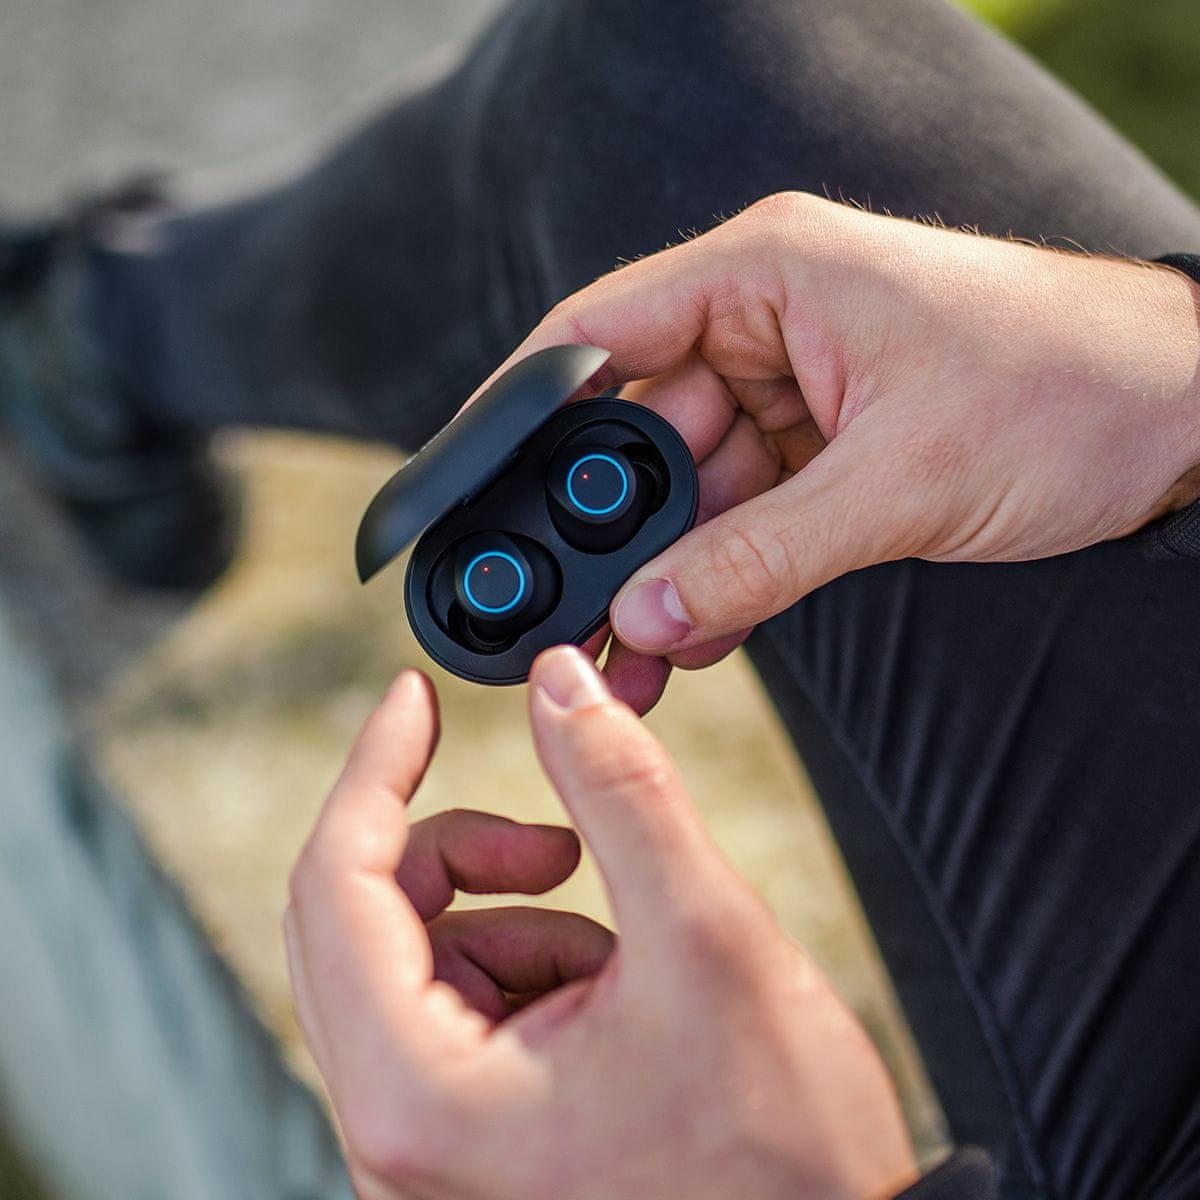 Bluetooth 5.0 niceboy hive drops sluchátka do uší špuntová true wireless skvělý zvuk maxxbass technologie usbc nabíjení dotykové ovládání handsfree telefonování smart buttons autopárování nabíjecí pouzdro ipx4 voděodolná 3 h výdrže moderní design